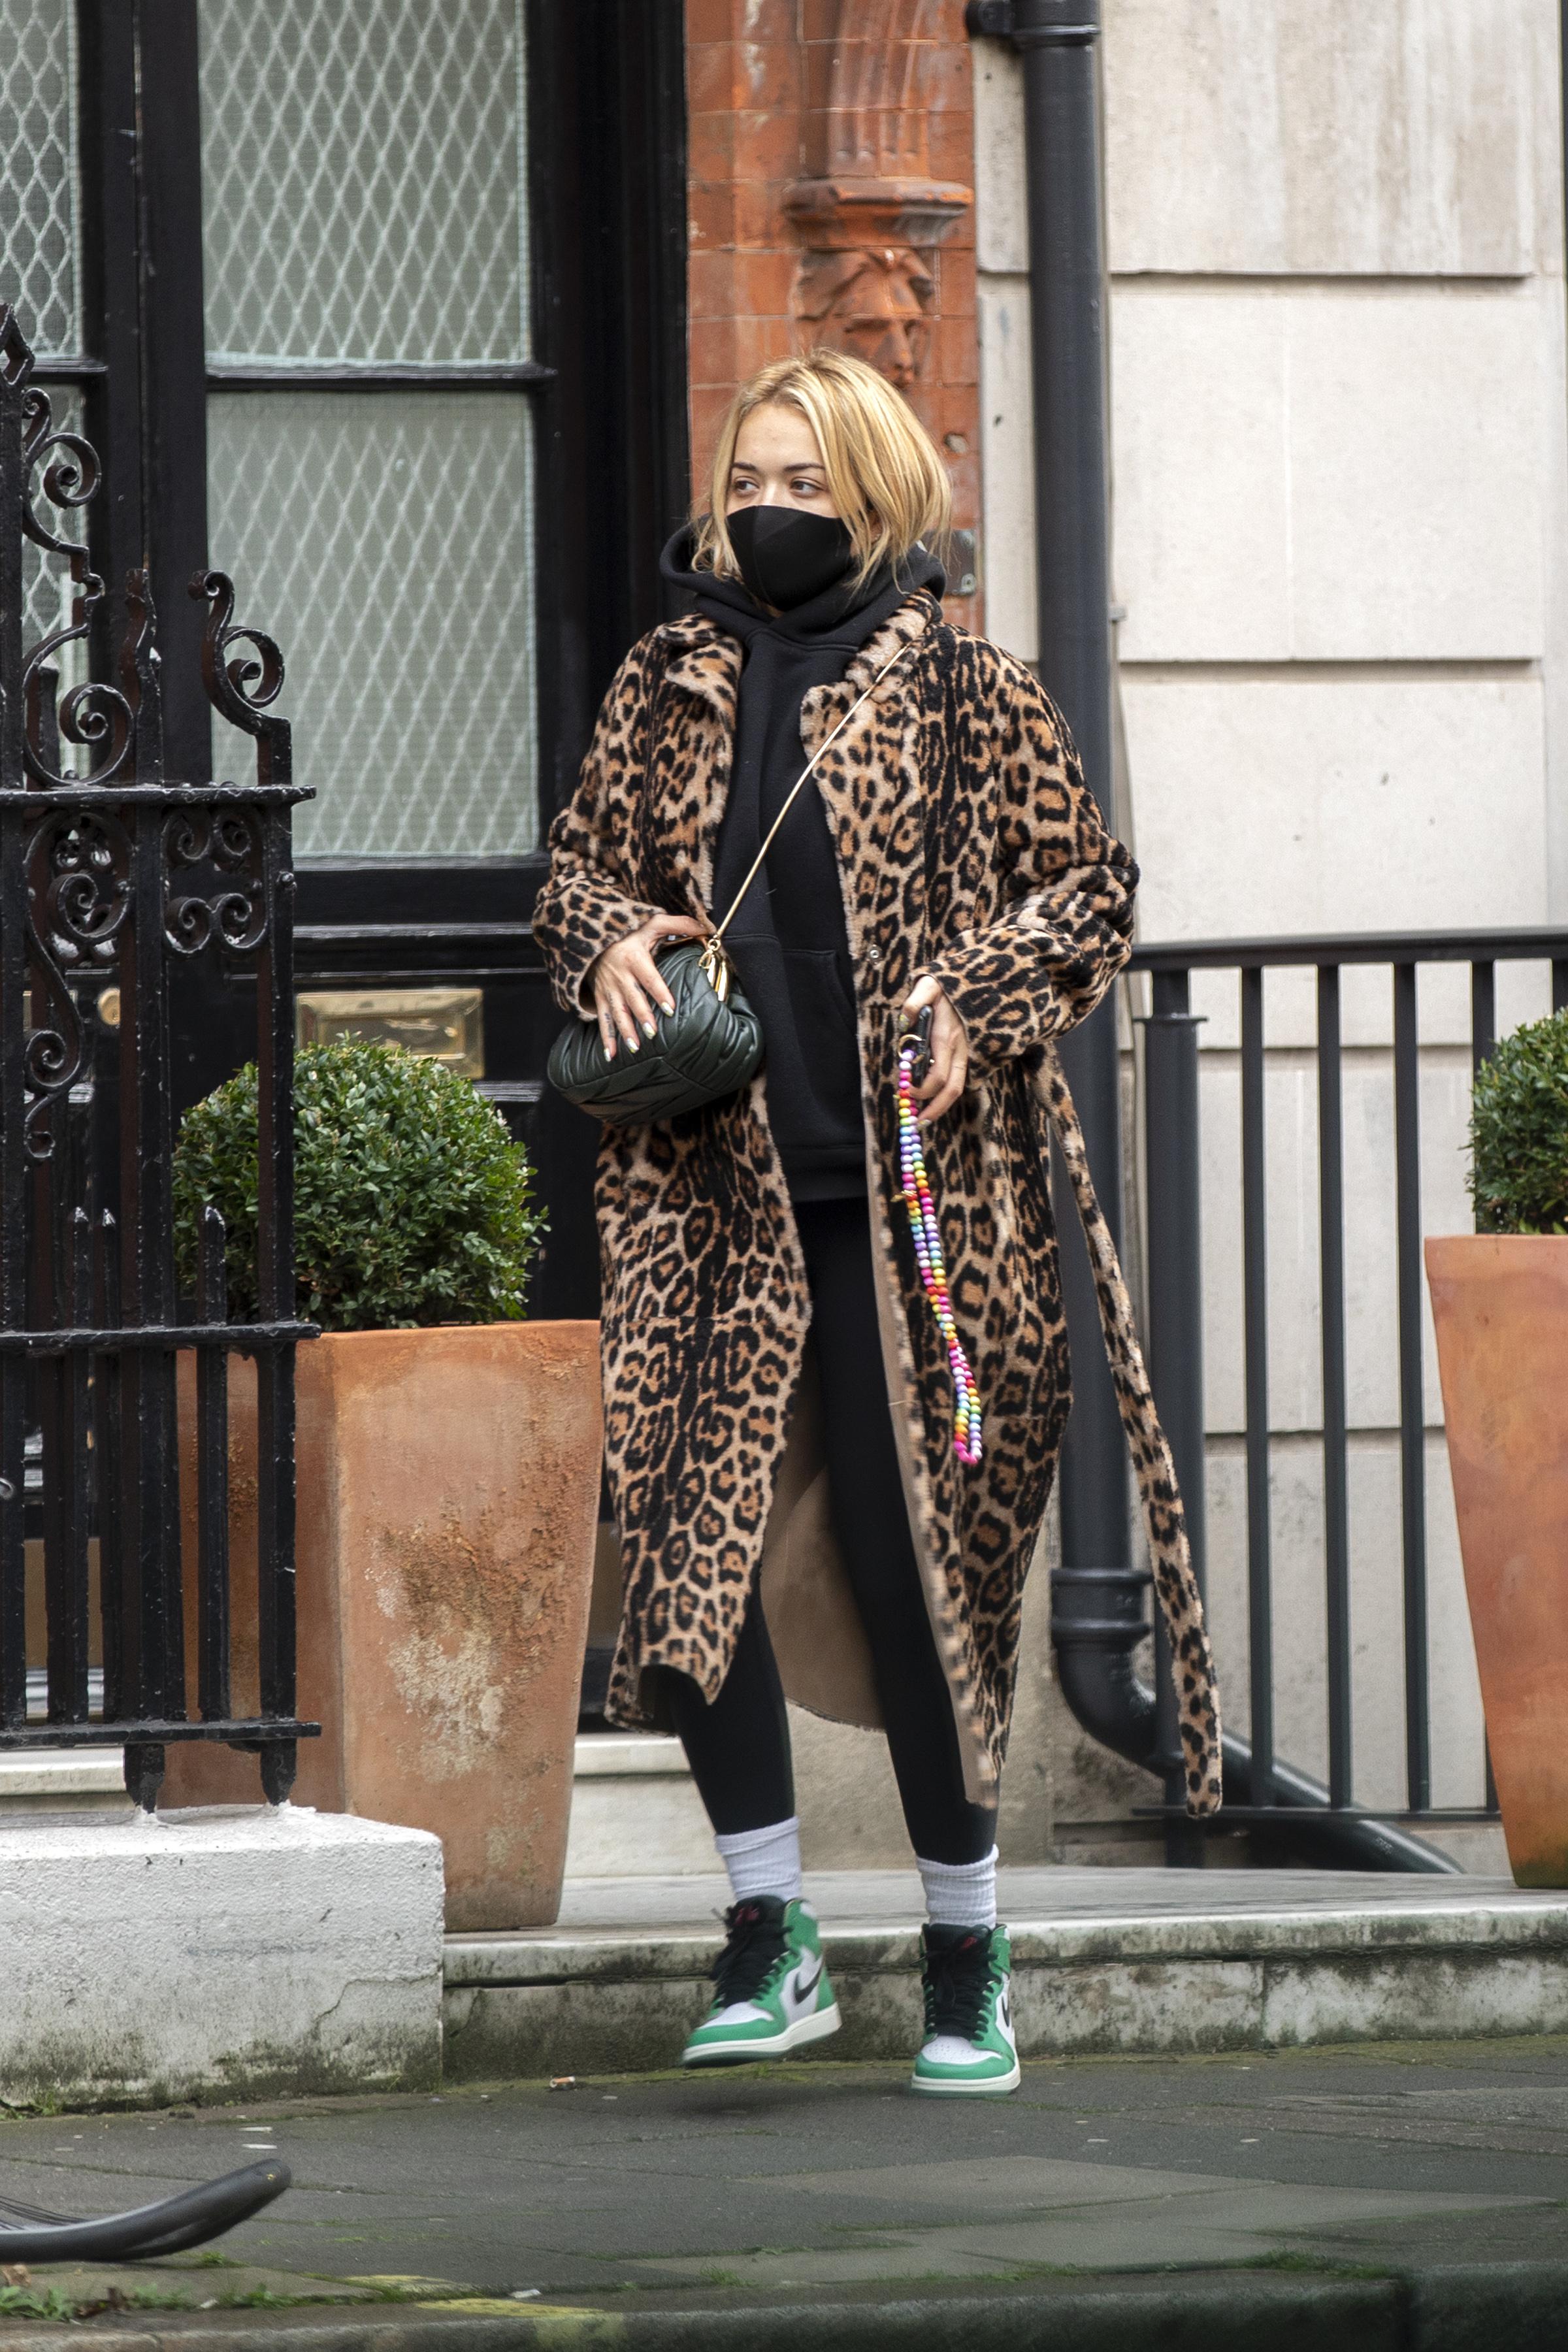 Rita Ora usando look com moletom preto, calça legging preta, tênis verde e branco de cano alto, sobretudo com estampa de oncinha e bolsa preta atravessada no ombro. Ela está com máscara de proteção preta, olhando para o lado, em uma pose espontânea.